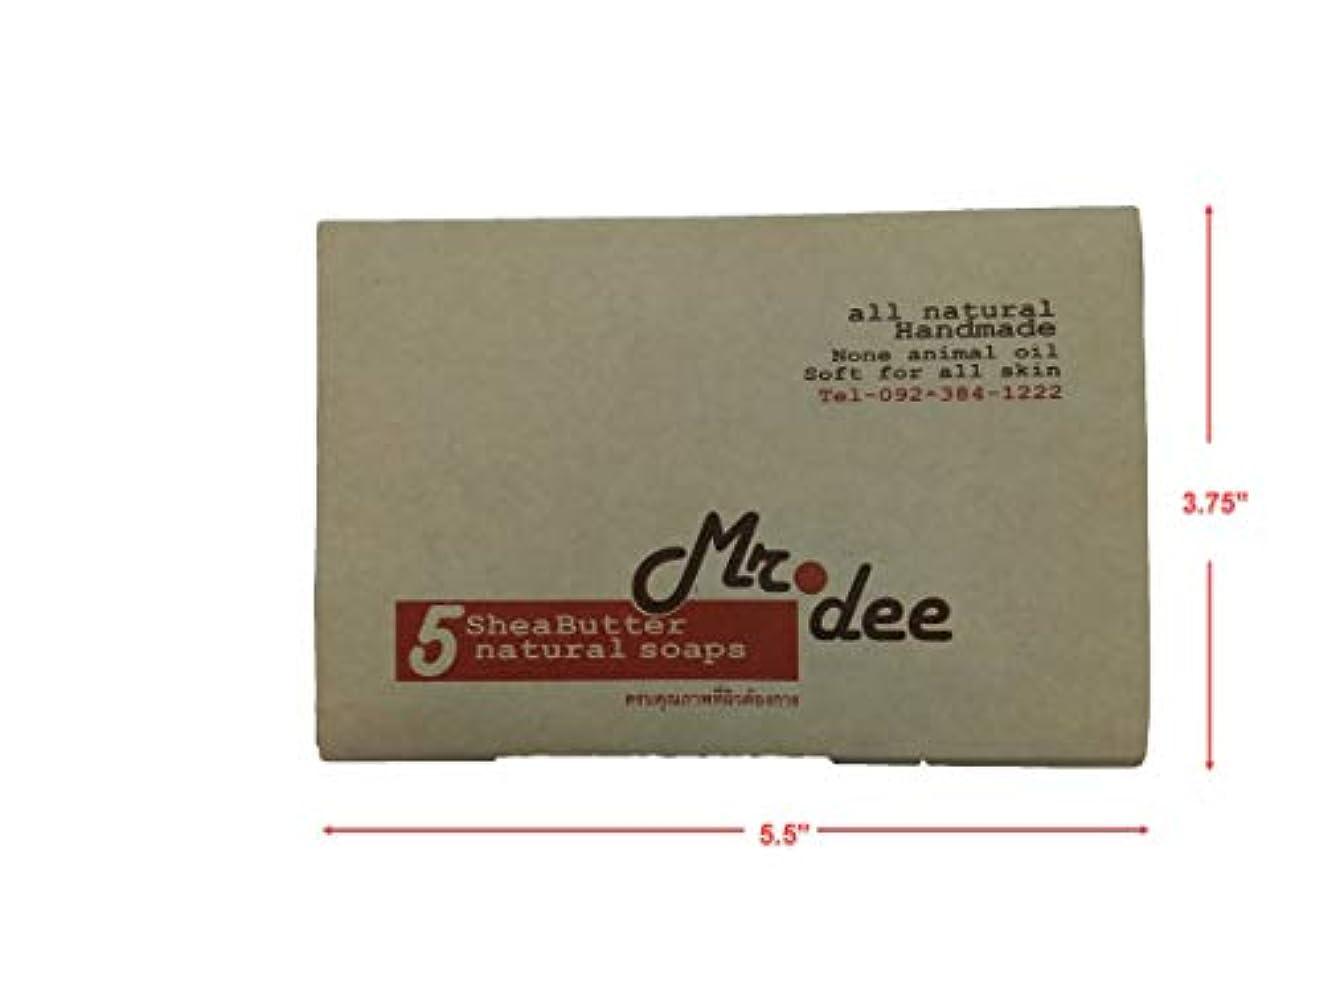 死きゅうり冊子「Mr.Dee」100%ナチュラルソープバーノンケミカルシアバタースムースアロマコーヒースクラブパック5バー(100グラム/バー)